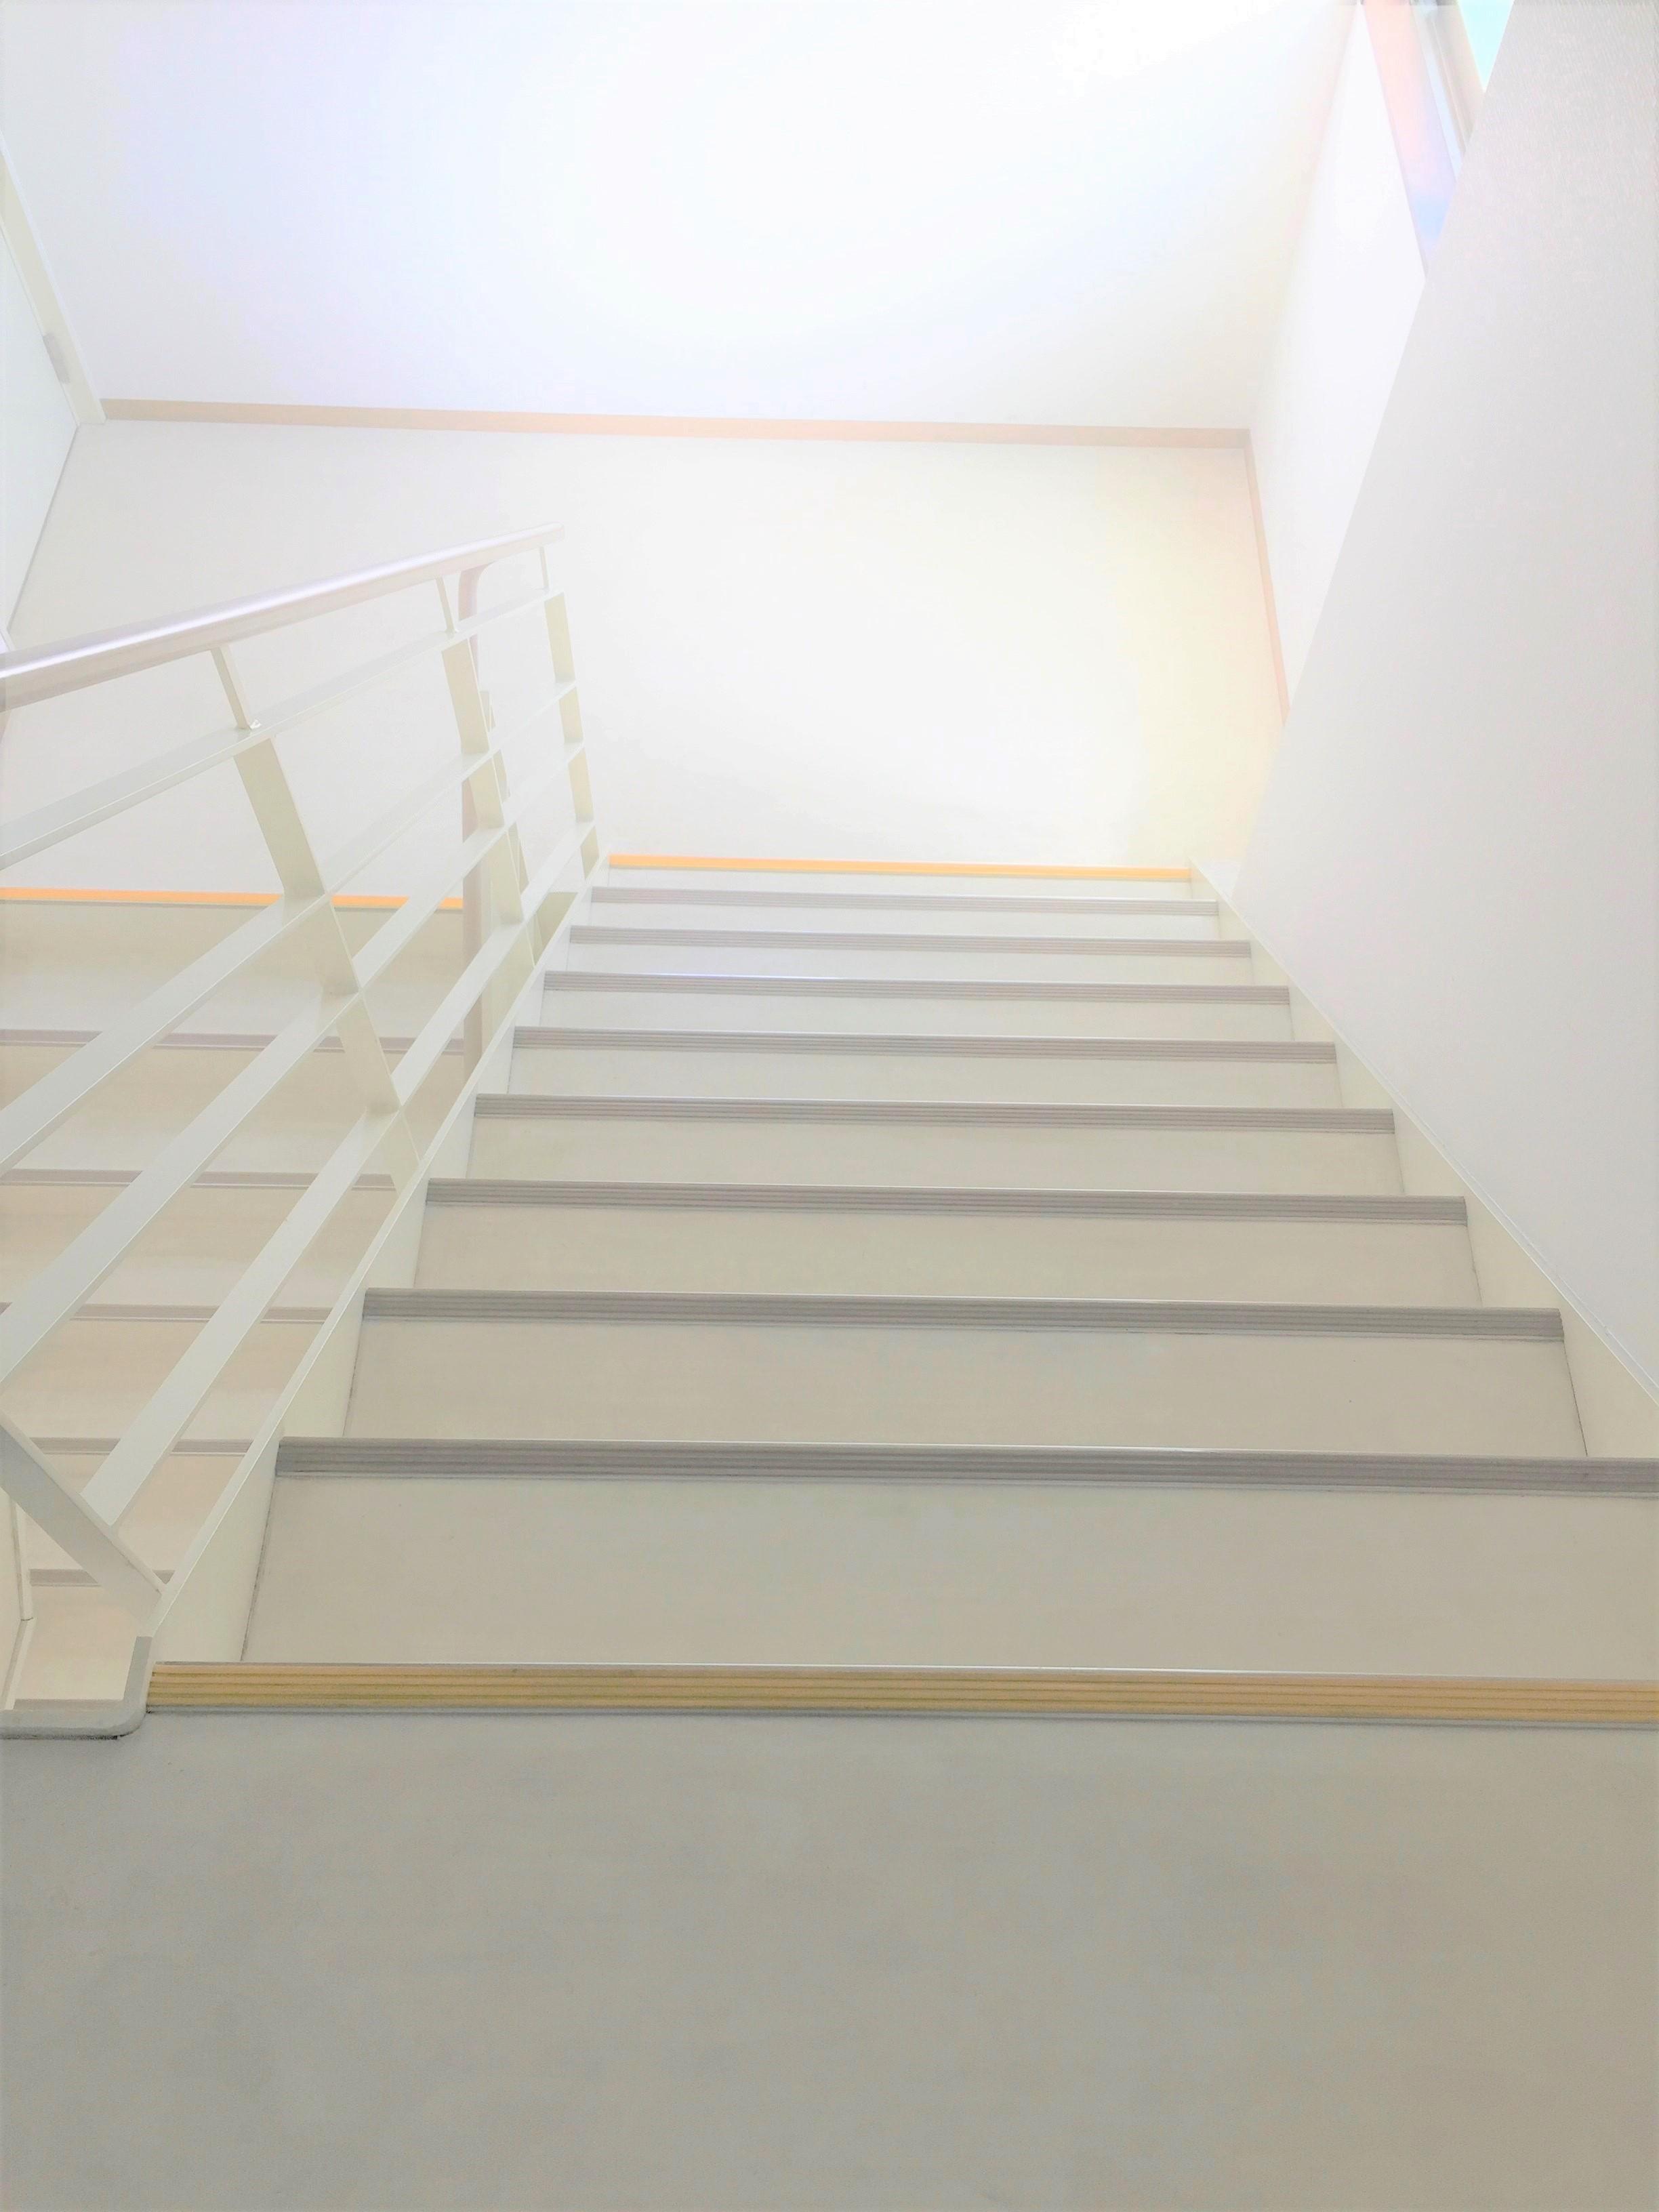 事務所・マンション・オフィスビルの階段の清掃 階段の黒ずみの汚れの除去!効率よくスピーディーな作業!定期的清掃はおそうじプラスにお任せ下さい!